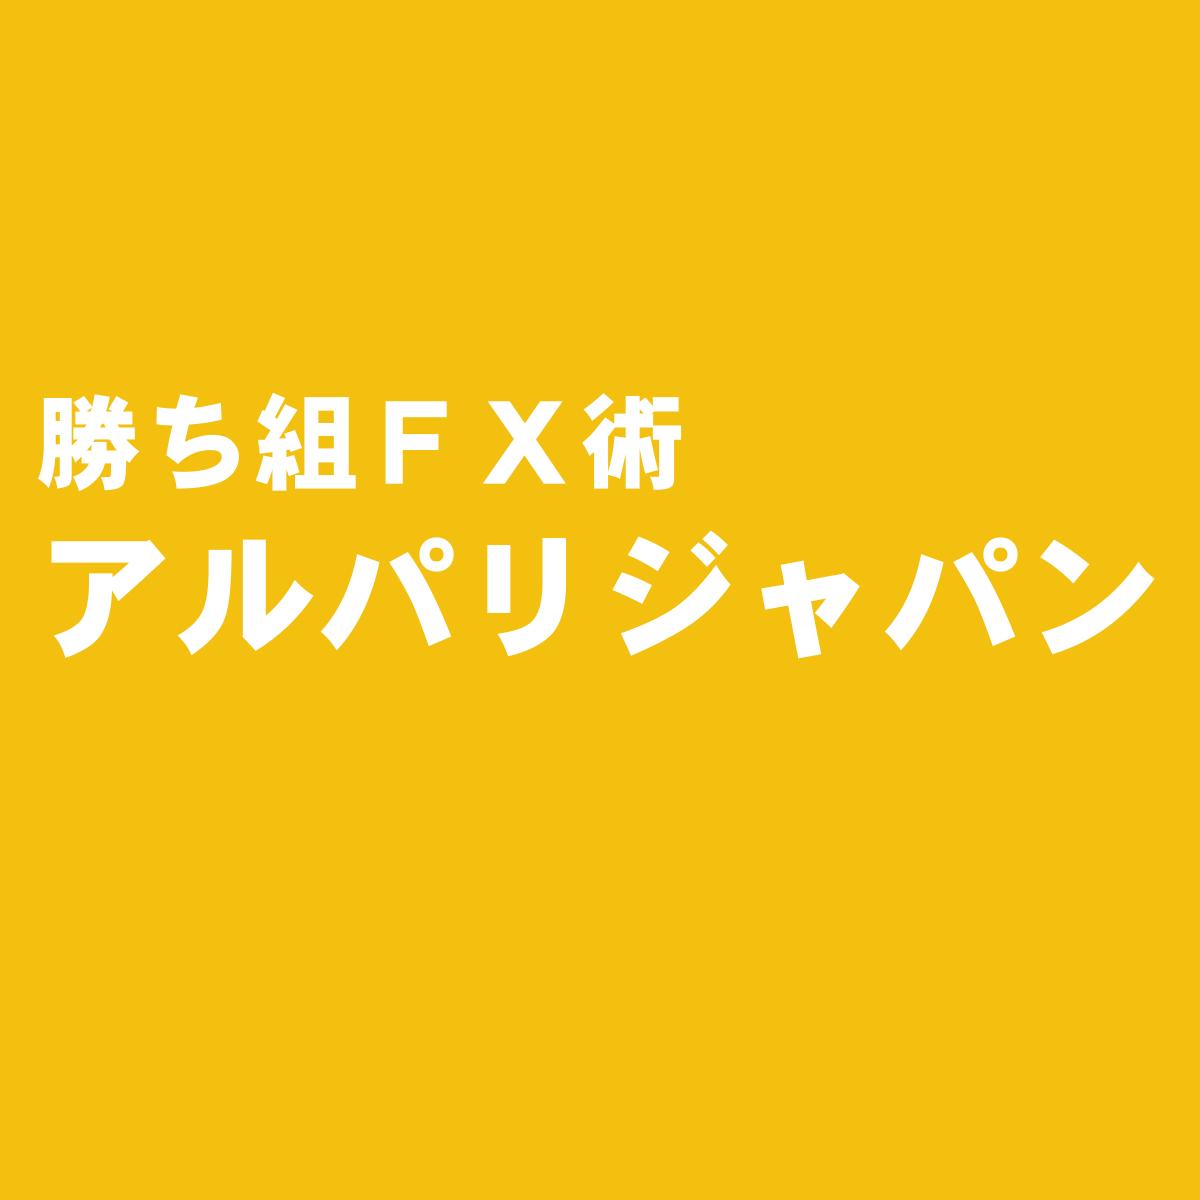 アルパリジャパン